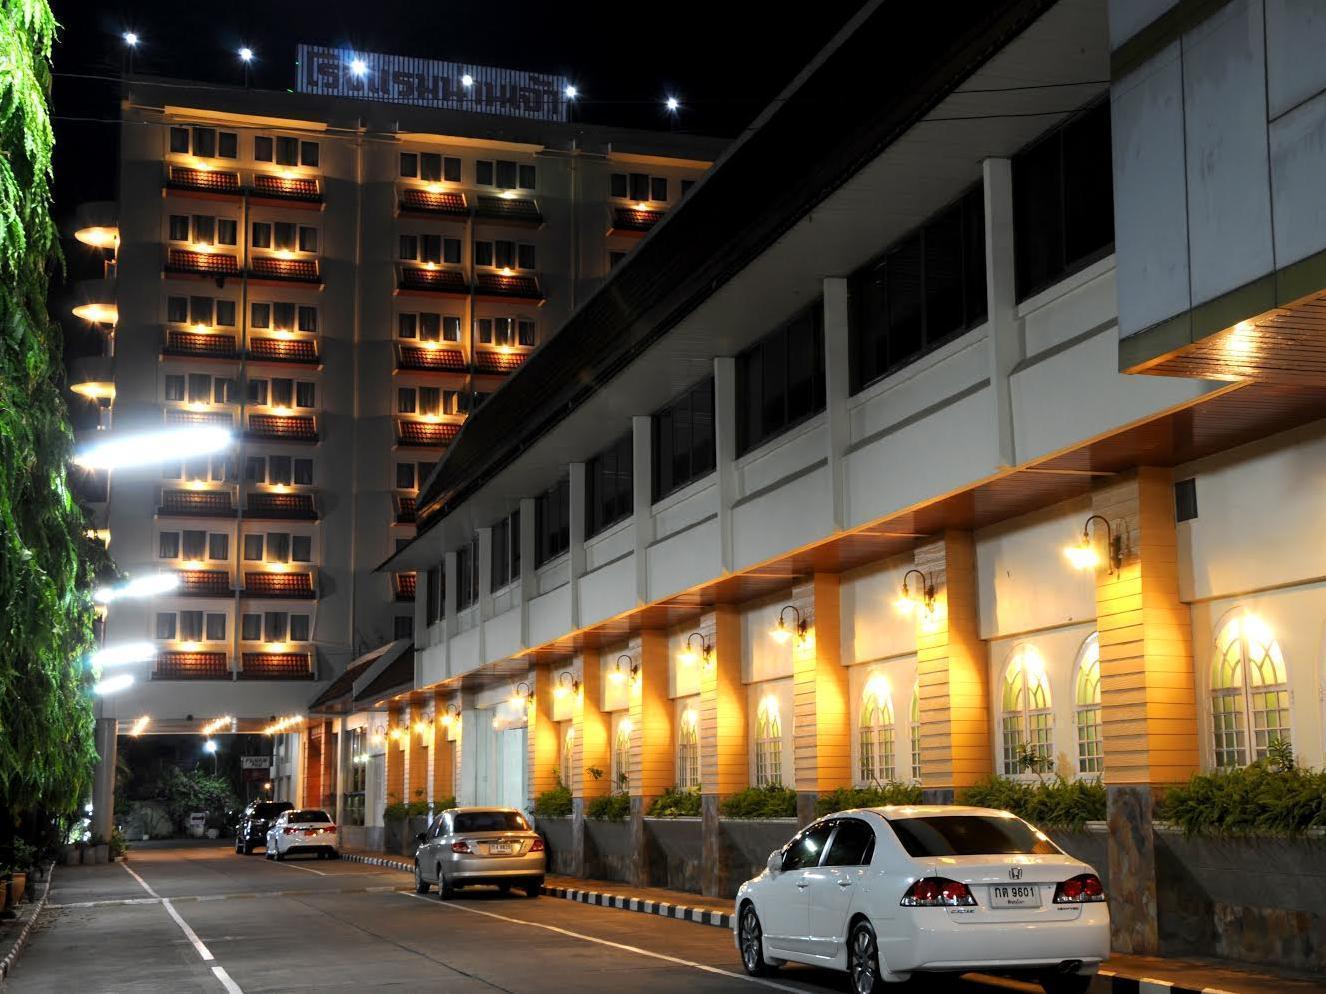 Nanchao Hotel โรงแรมน่านเจ้า